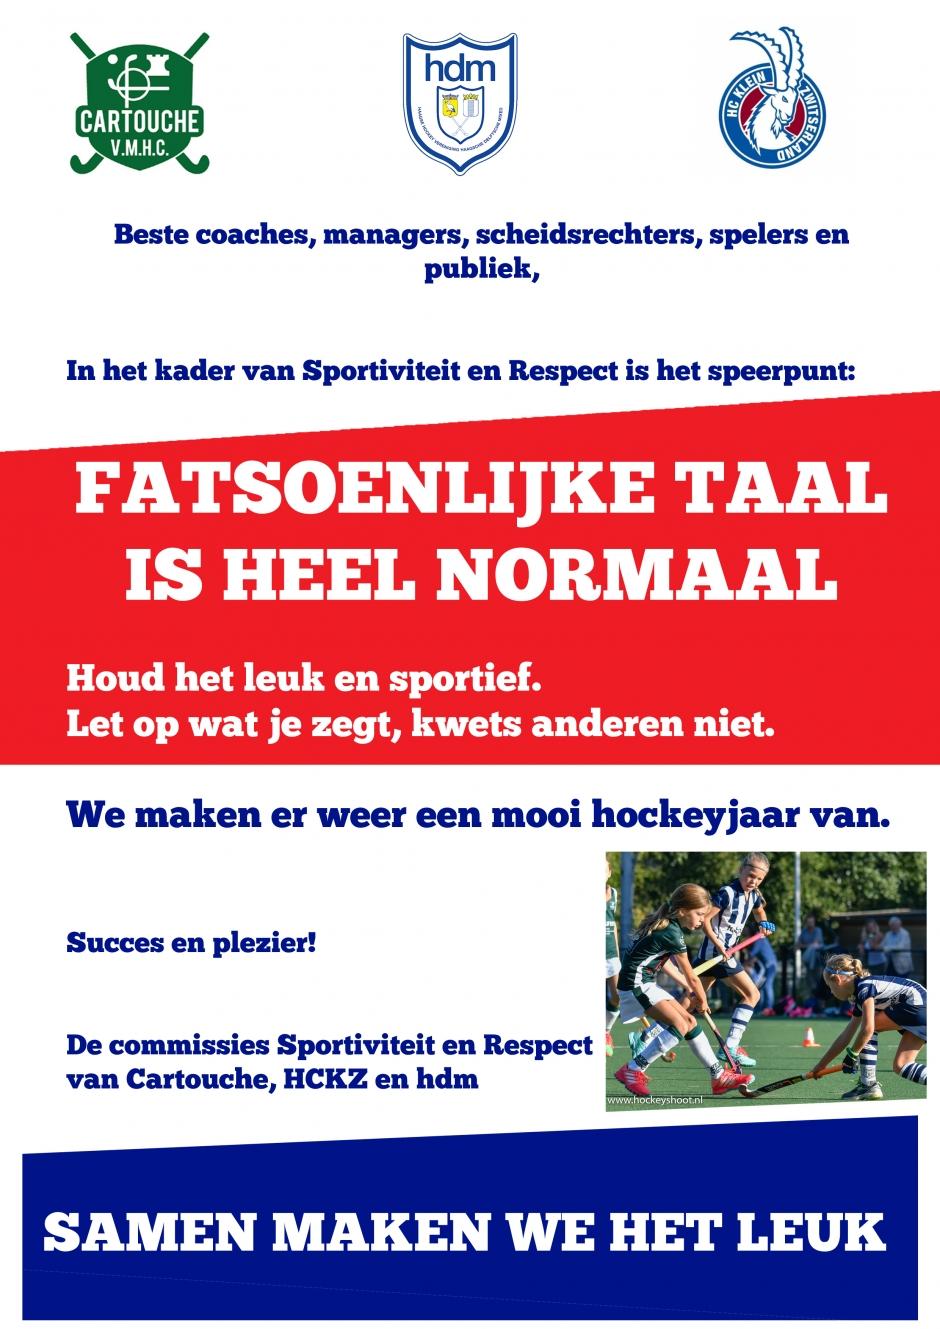 sportiviteit_respect